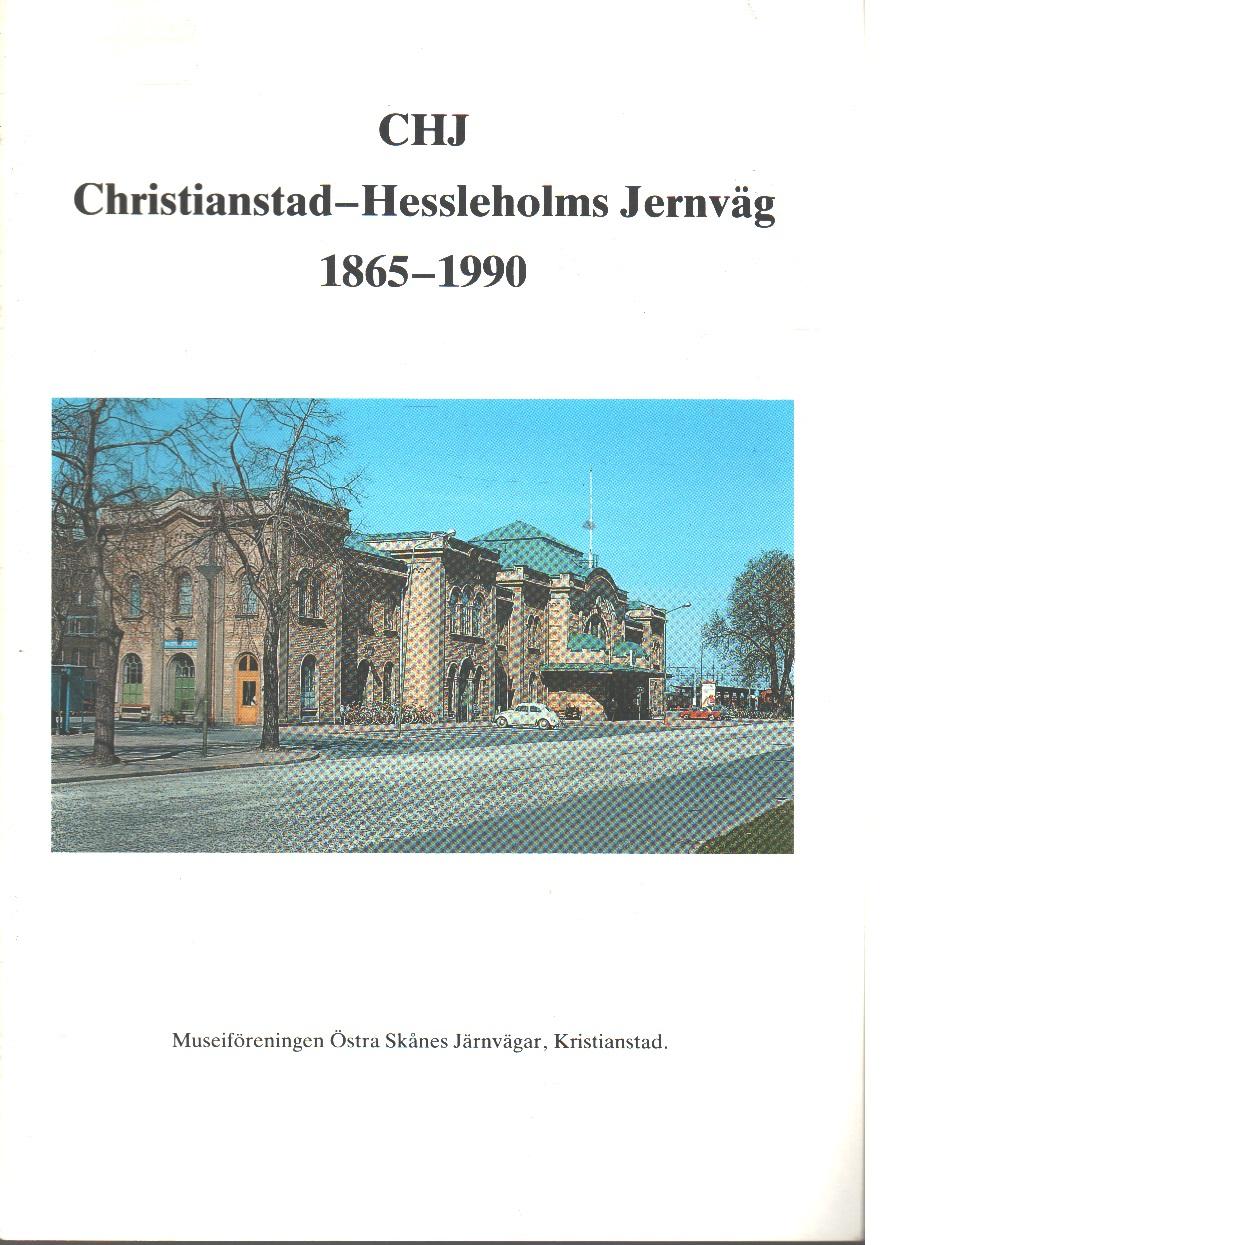 CHJ, Christianstad-Hessleholms jernväg 1865-1990. - Red. Museiföreningen Östra Skånes järnvägar